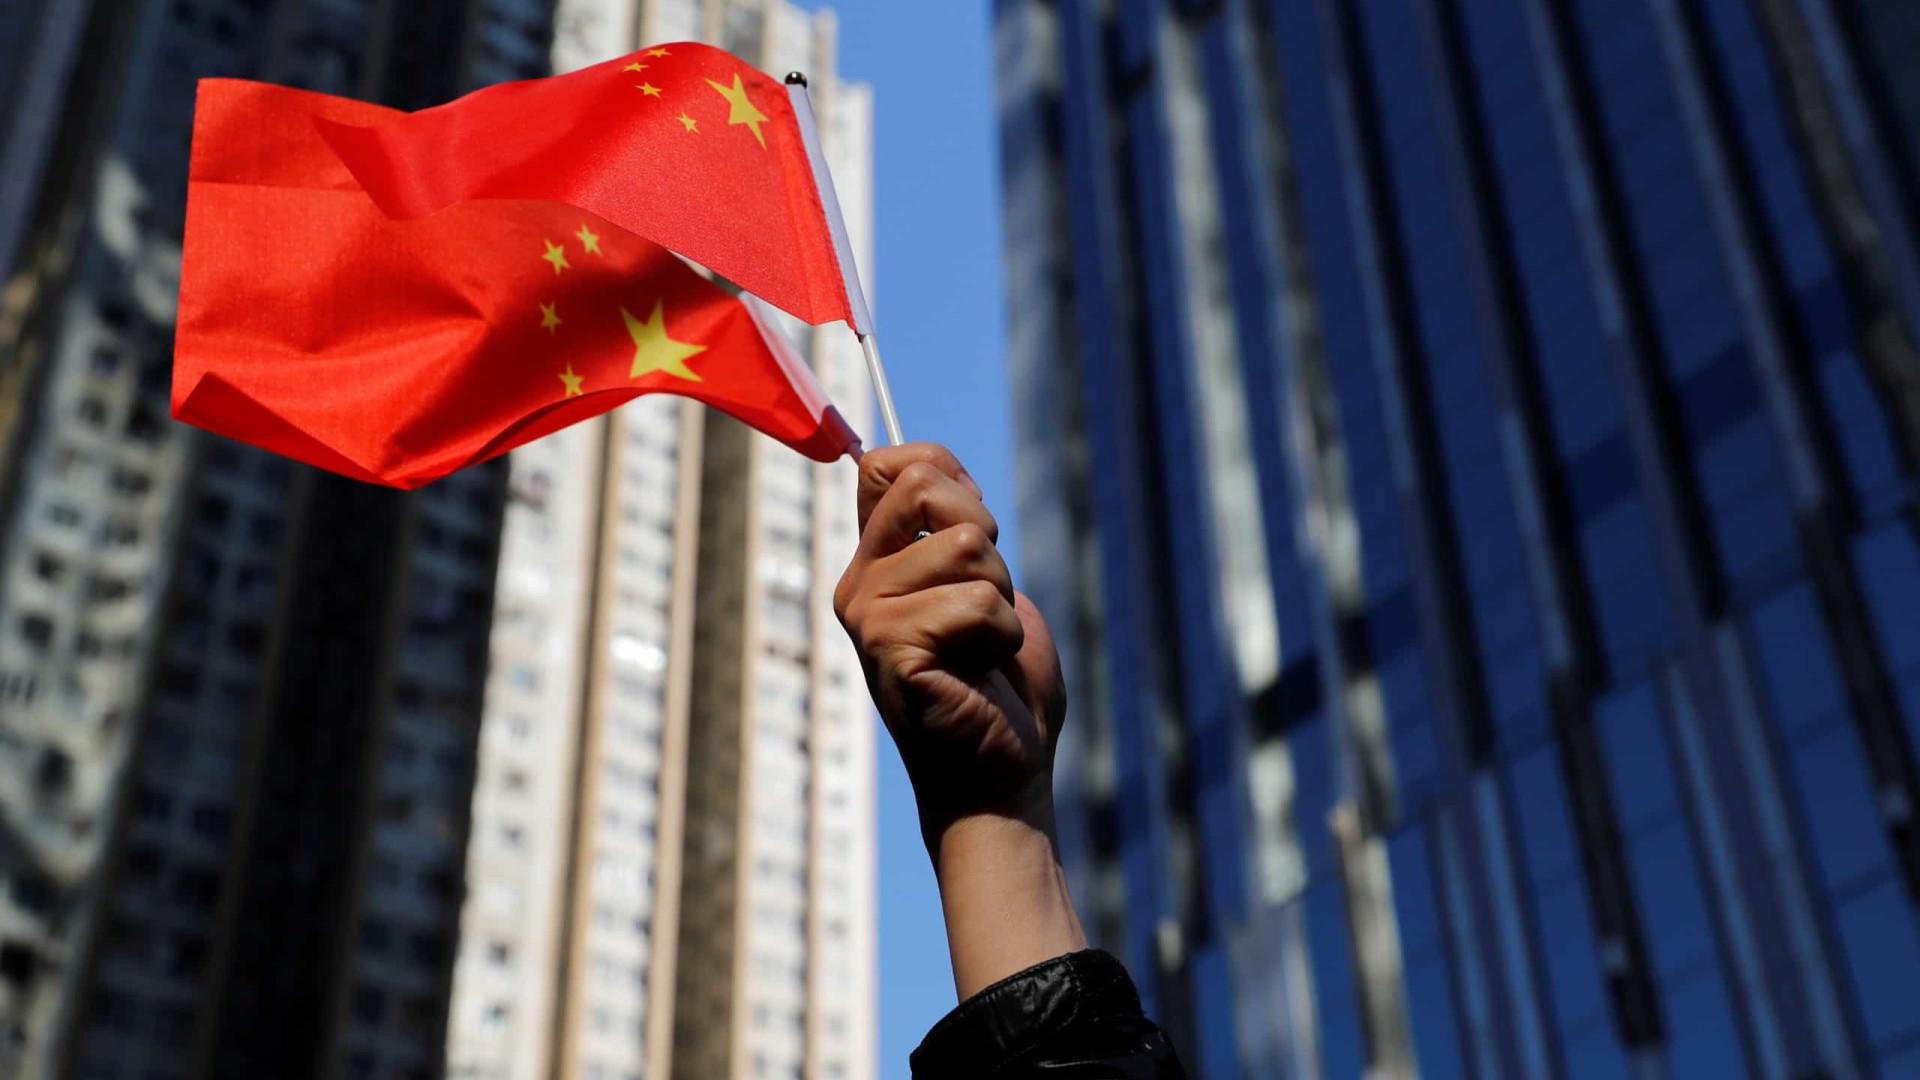 Saúde: Não há restrição de comércio de nenhum produto da China